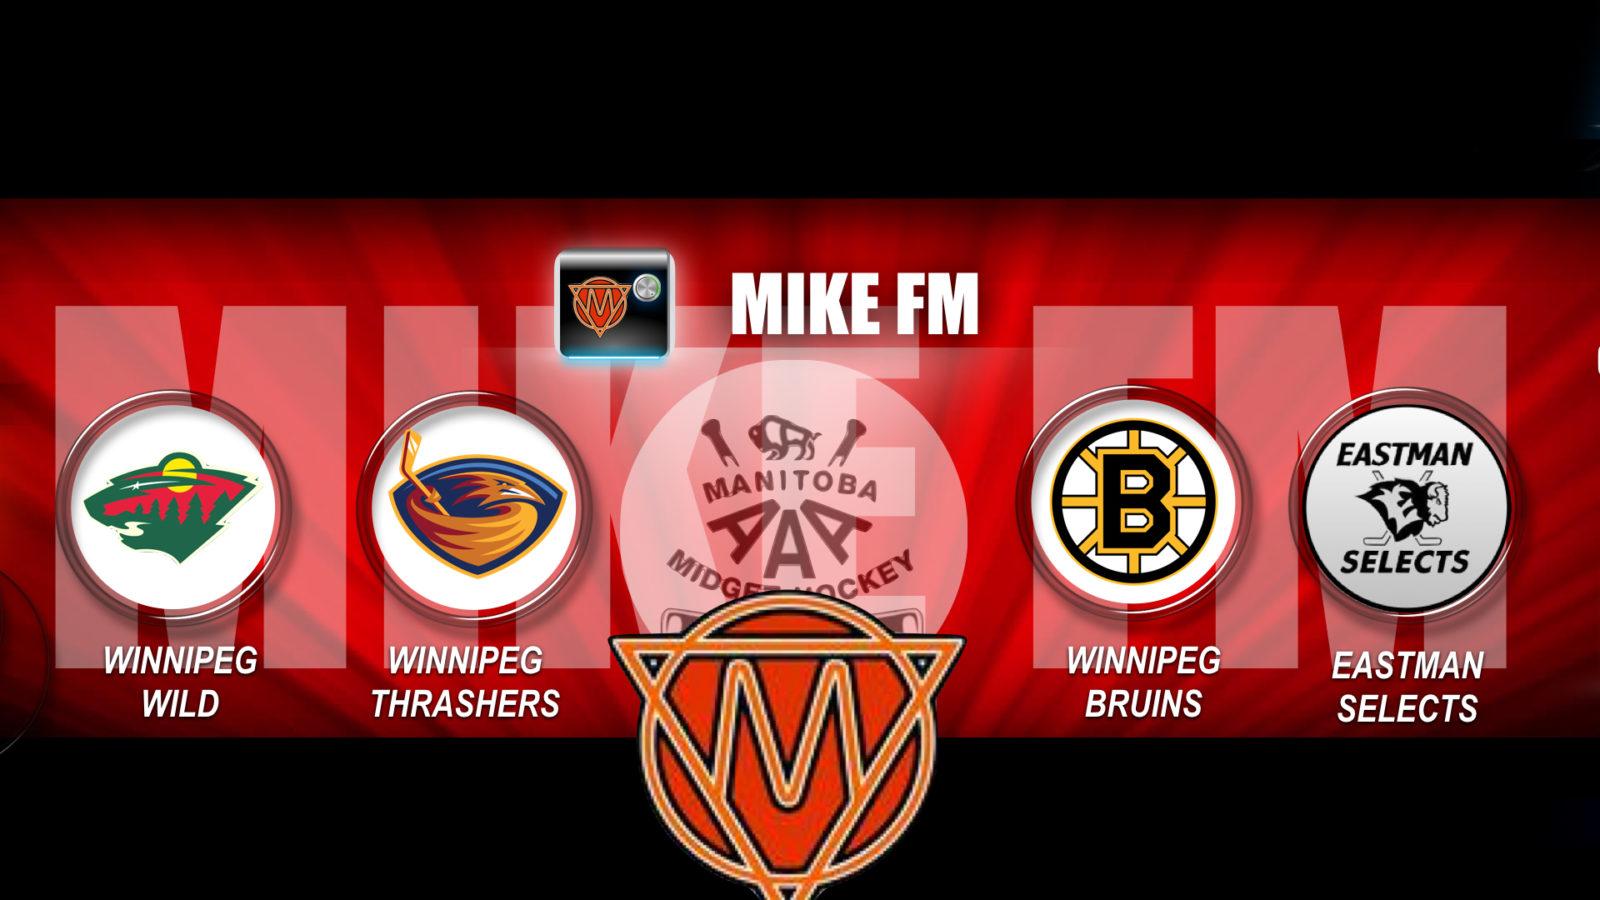 Final, Midget aaa hockey league topic